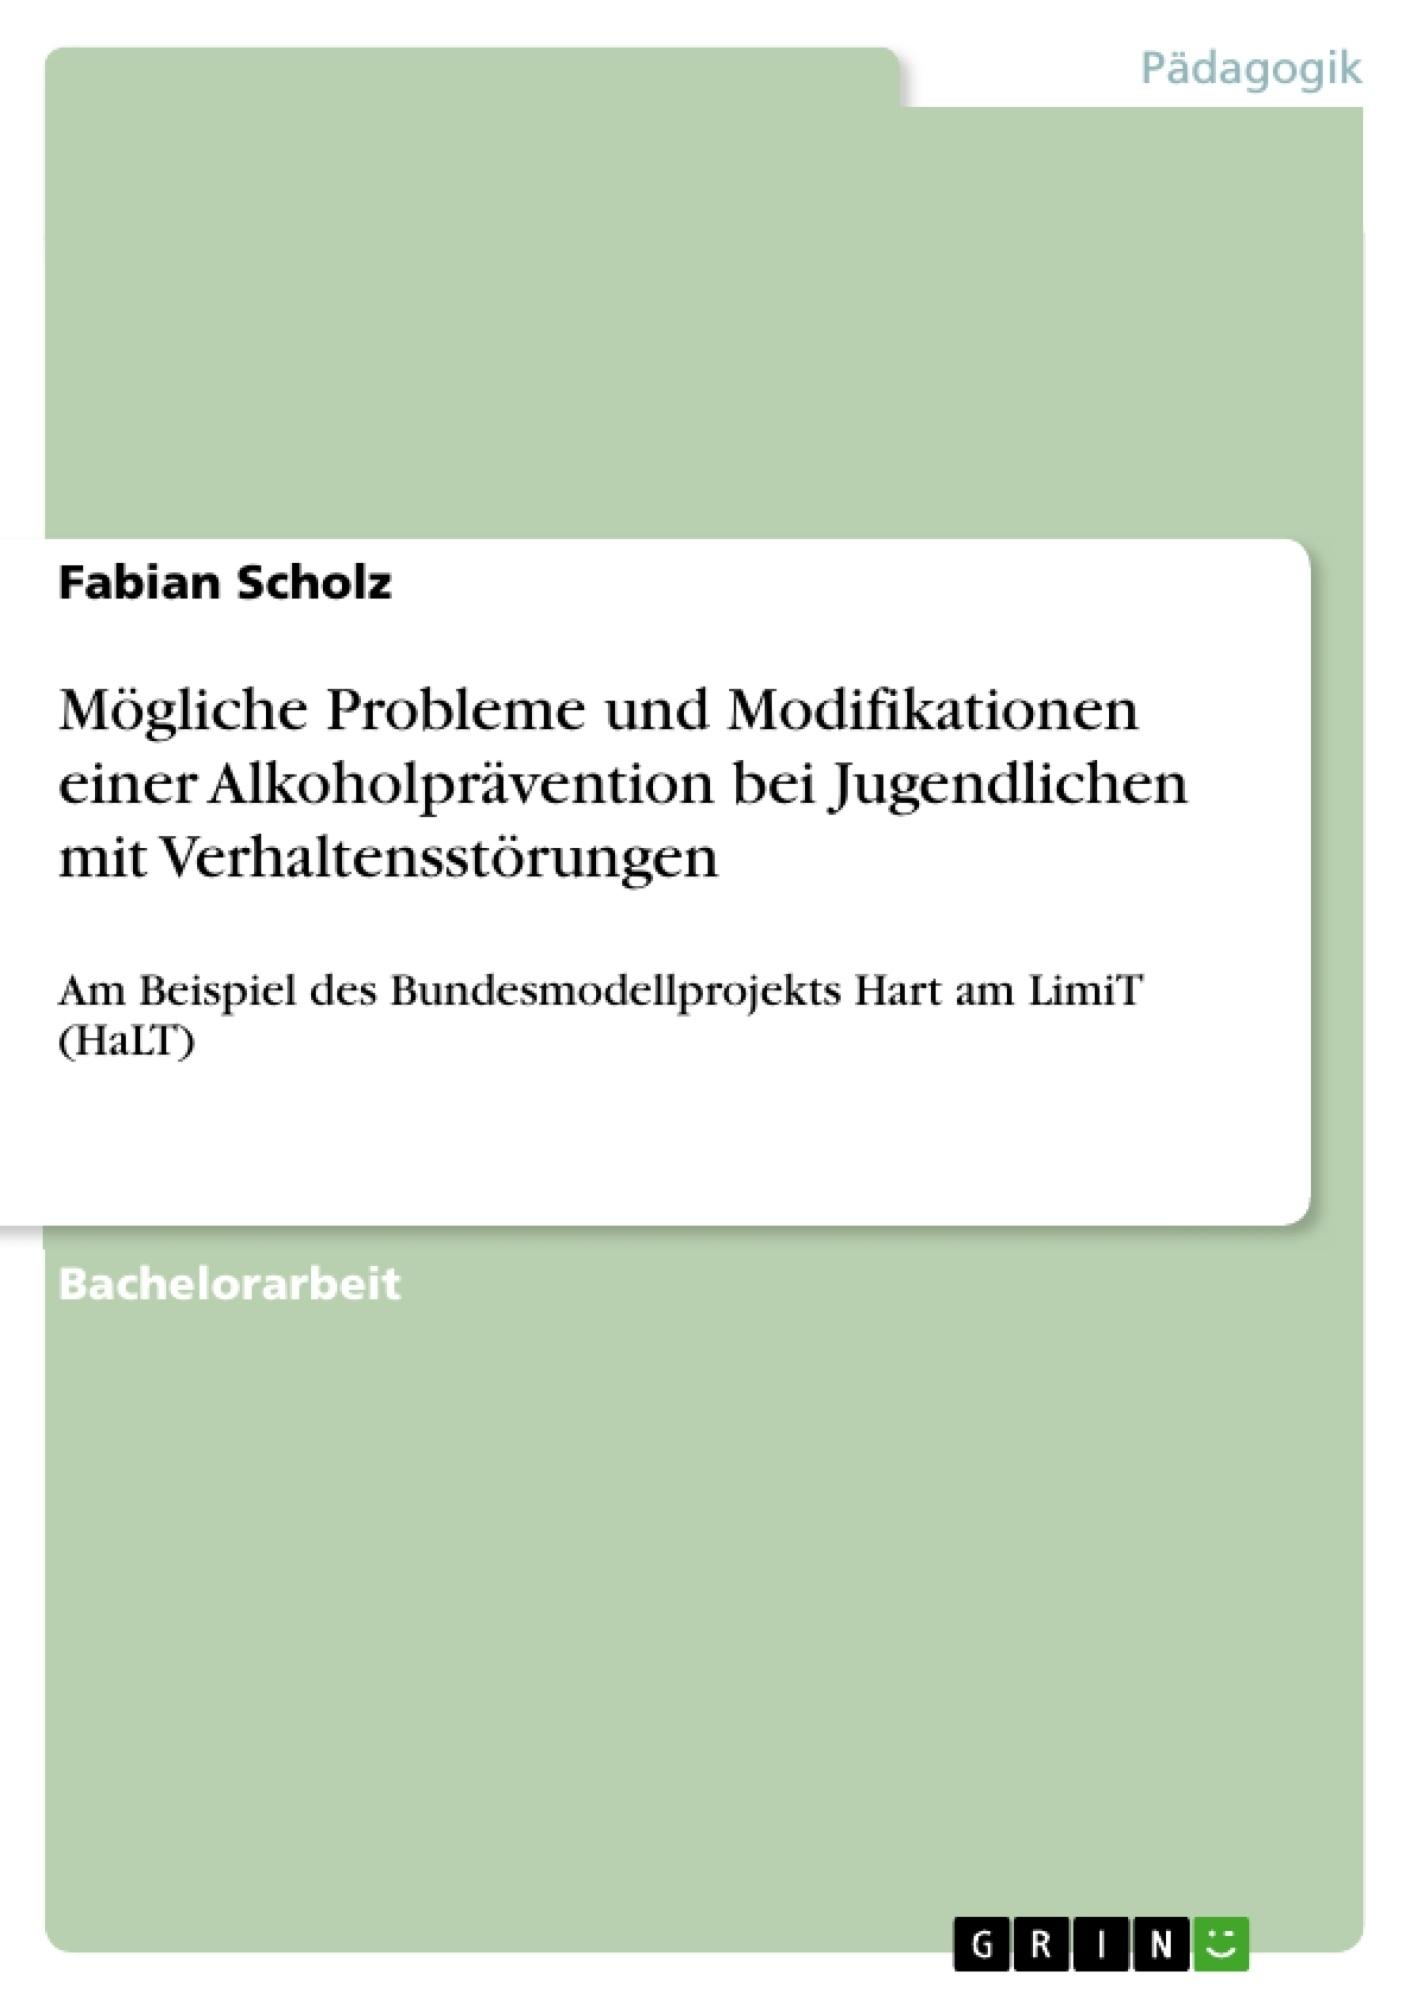 Titel: Mögliche Probleme und Modifikationen einer Alkoholprävention bei Jugendlichen mit Verhaltensstörungen